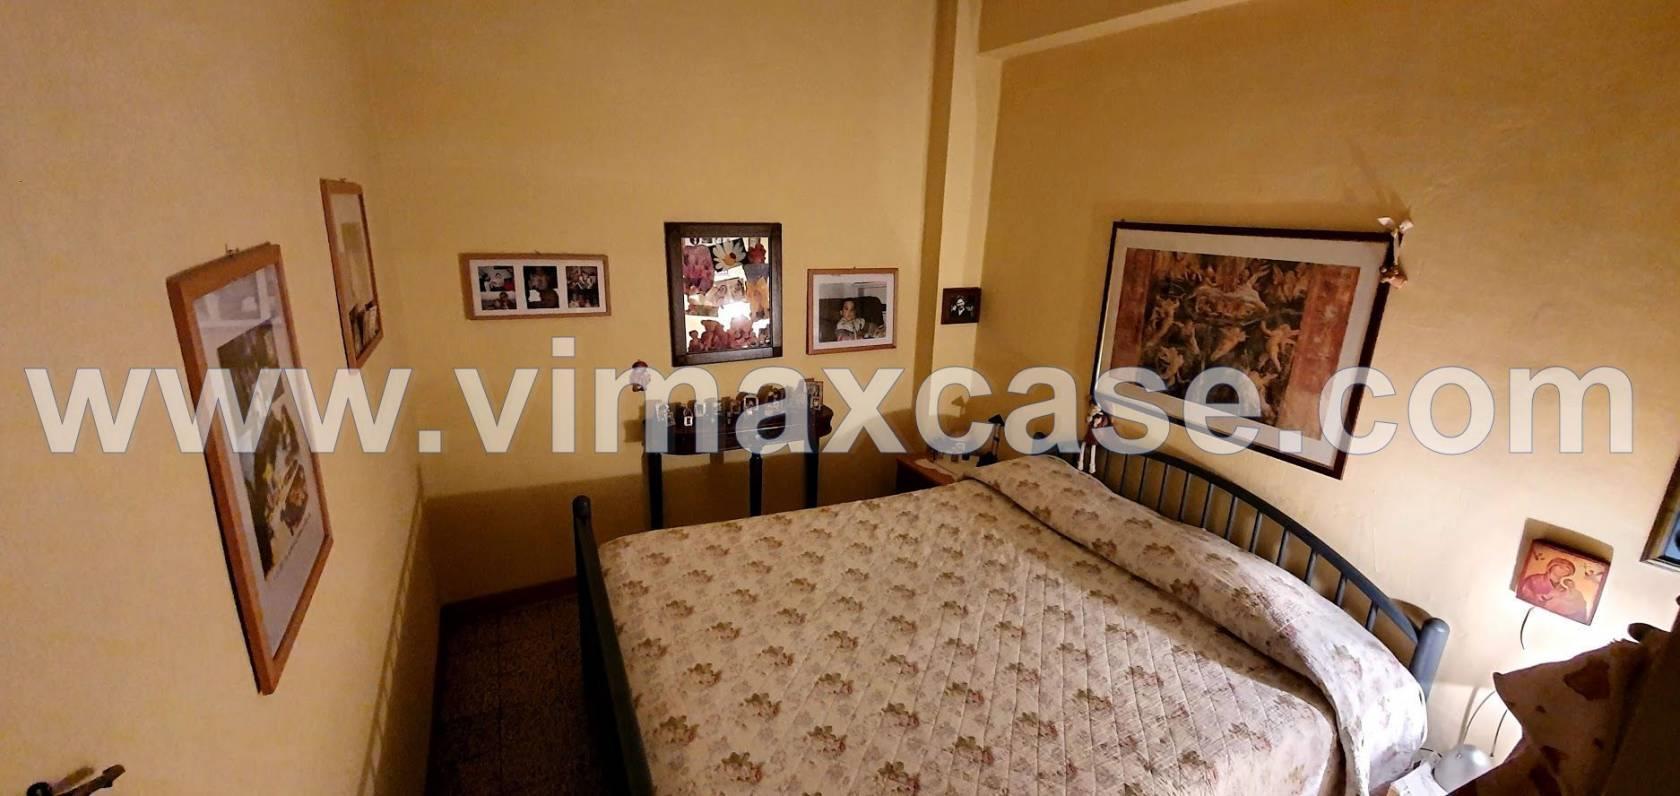 Foto 4 - Appartamento in Vendita - Brugherio (Monza e Brianza)